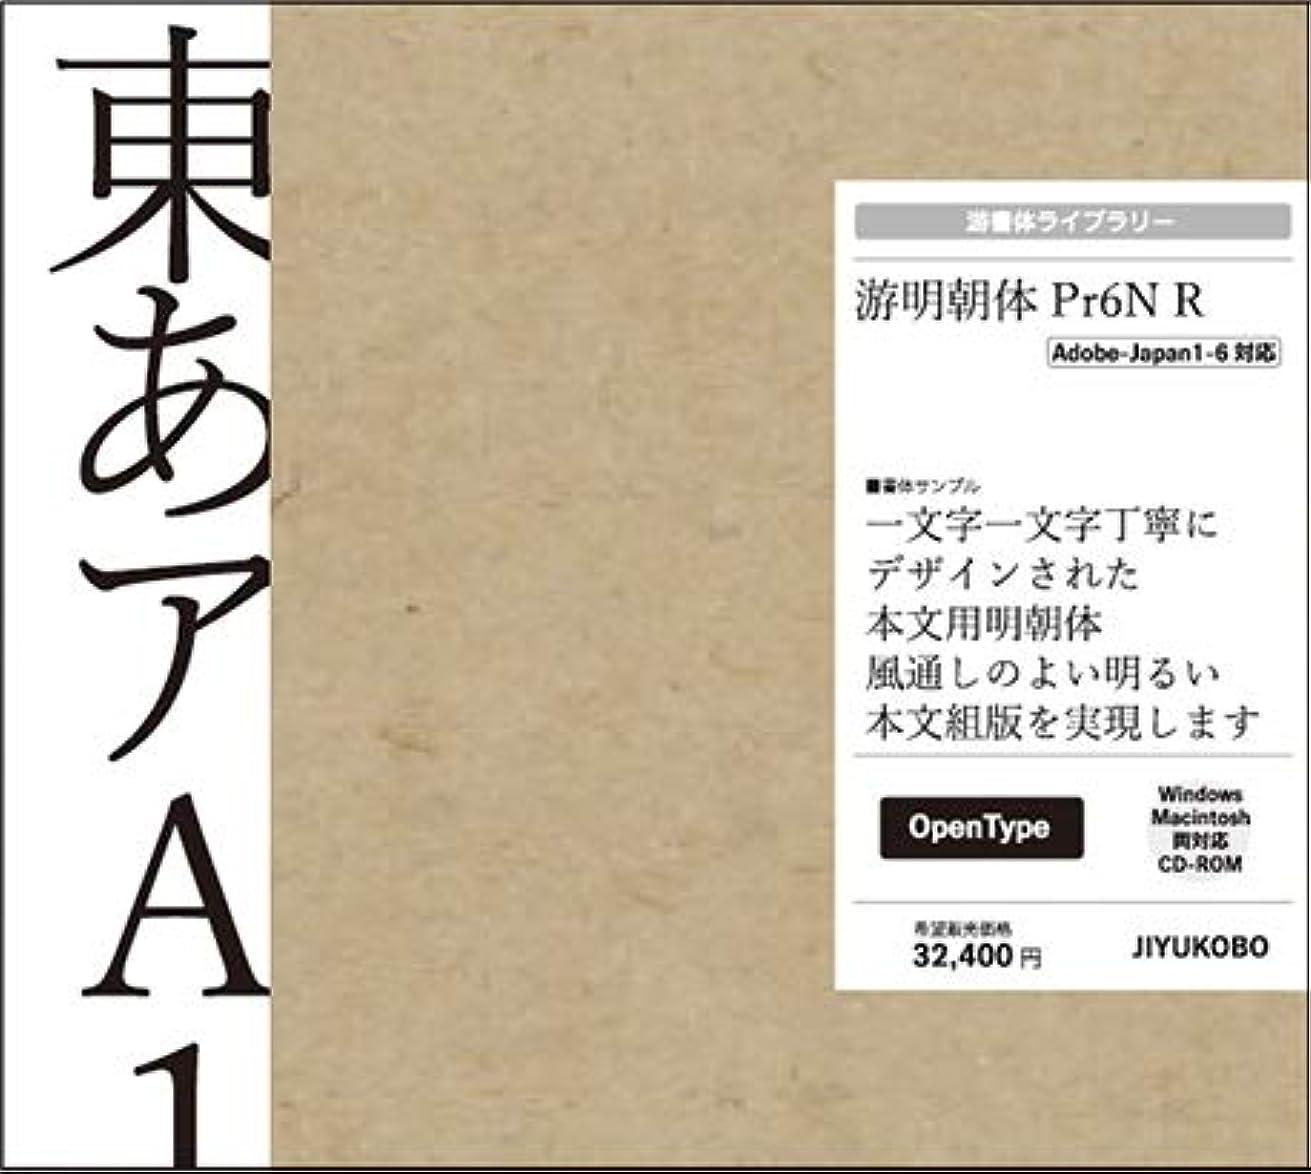 游明朝体 Pr6N R